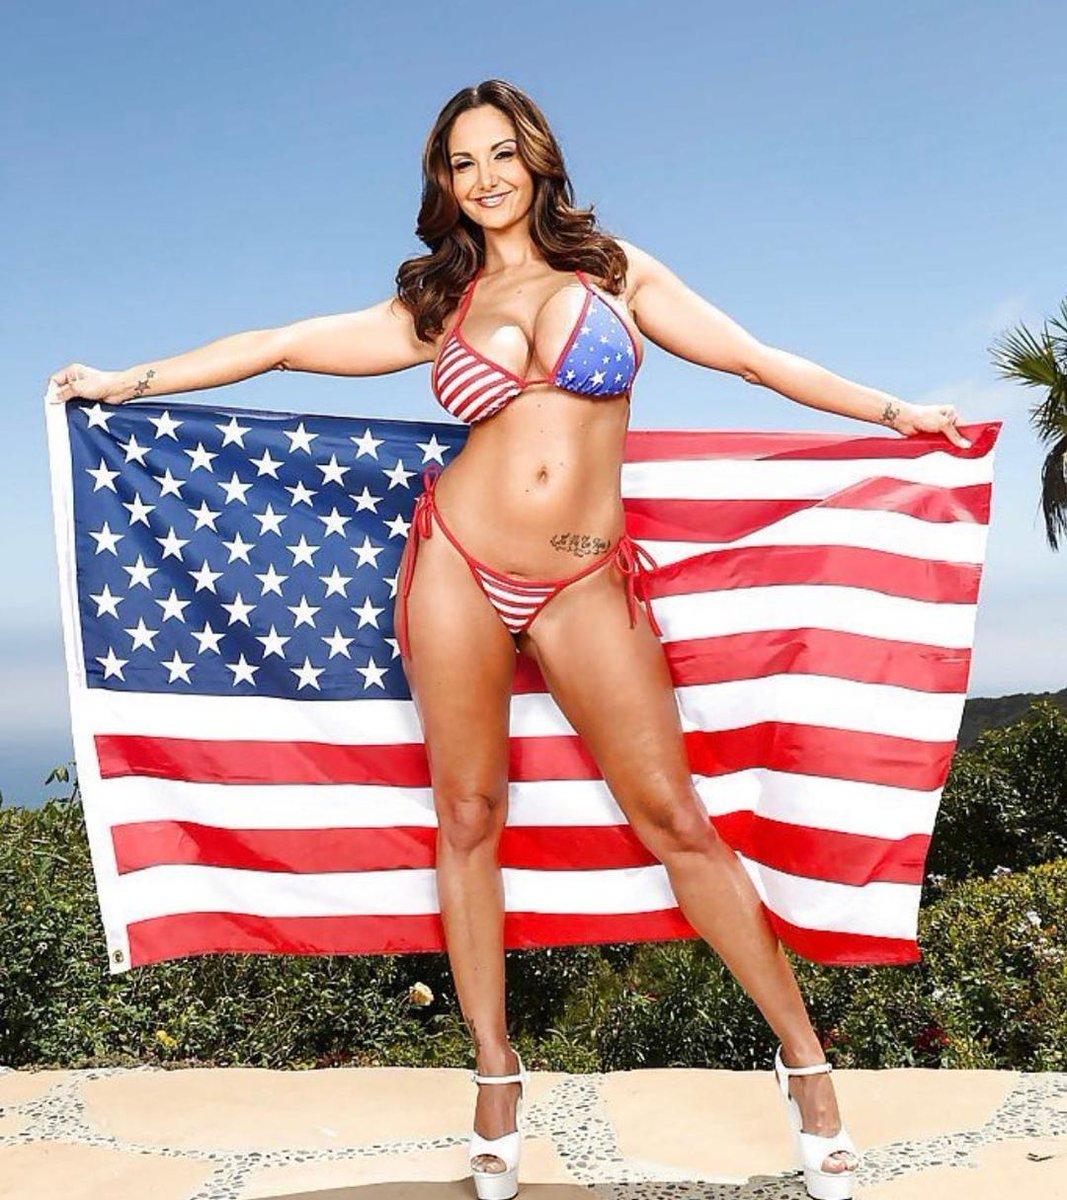 babu-v-bikini-amerikanskiy-flag-ebut-shikarniy-trans-s-ogromnim-huem